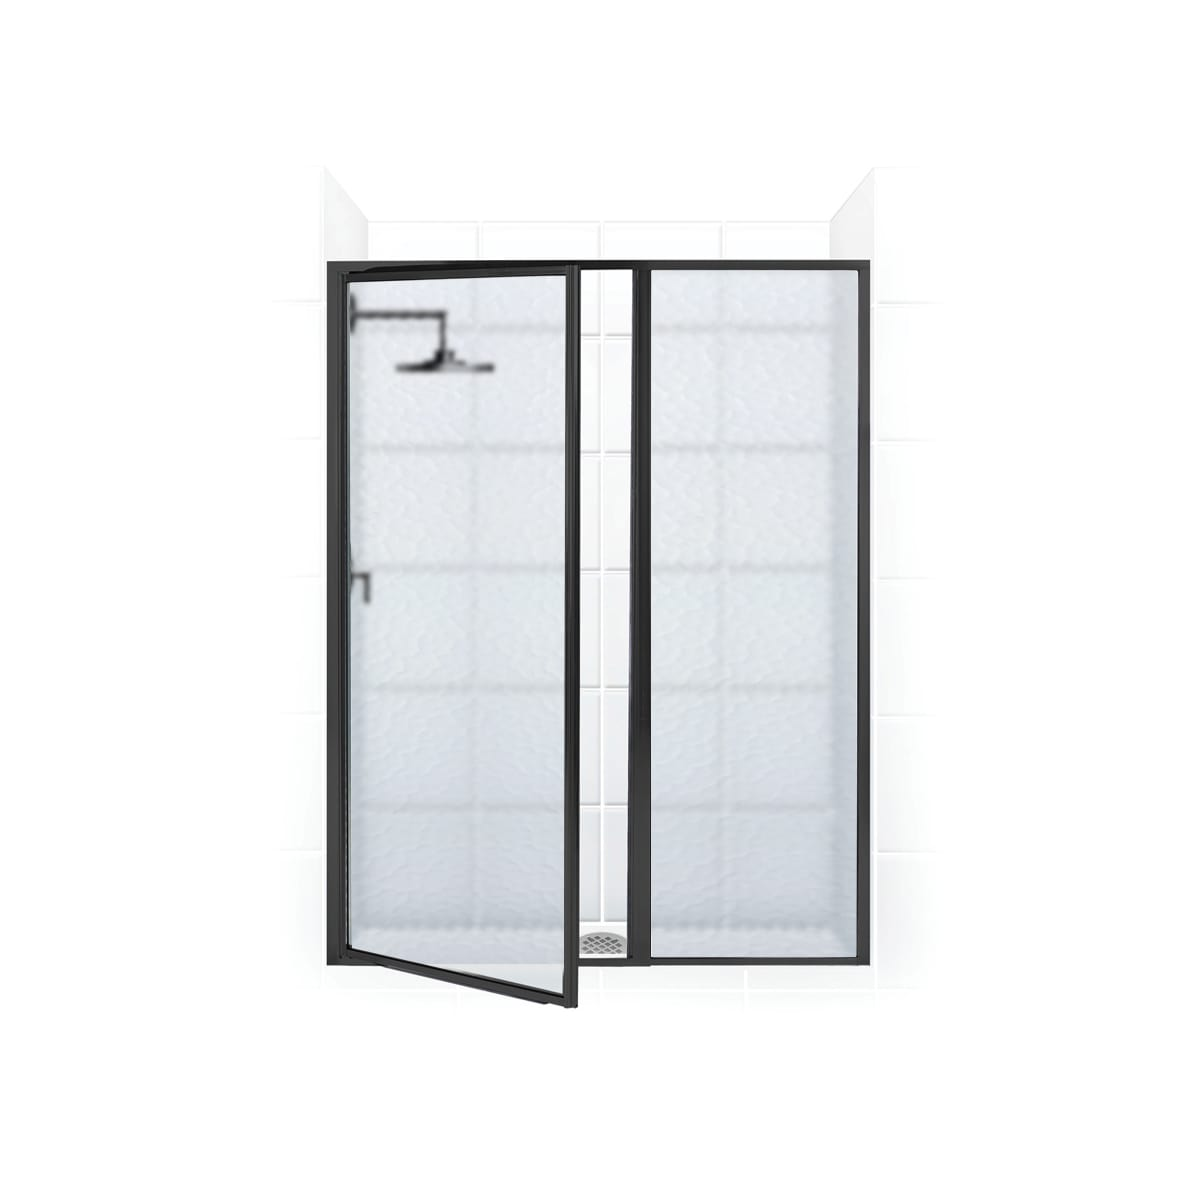 Coastal Shower Doors L31il11 66 A